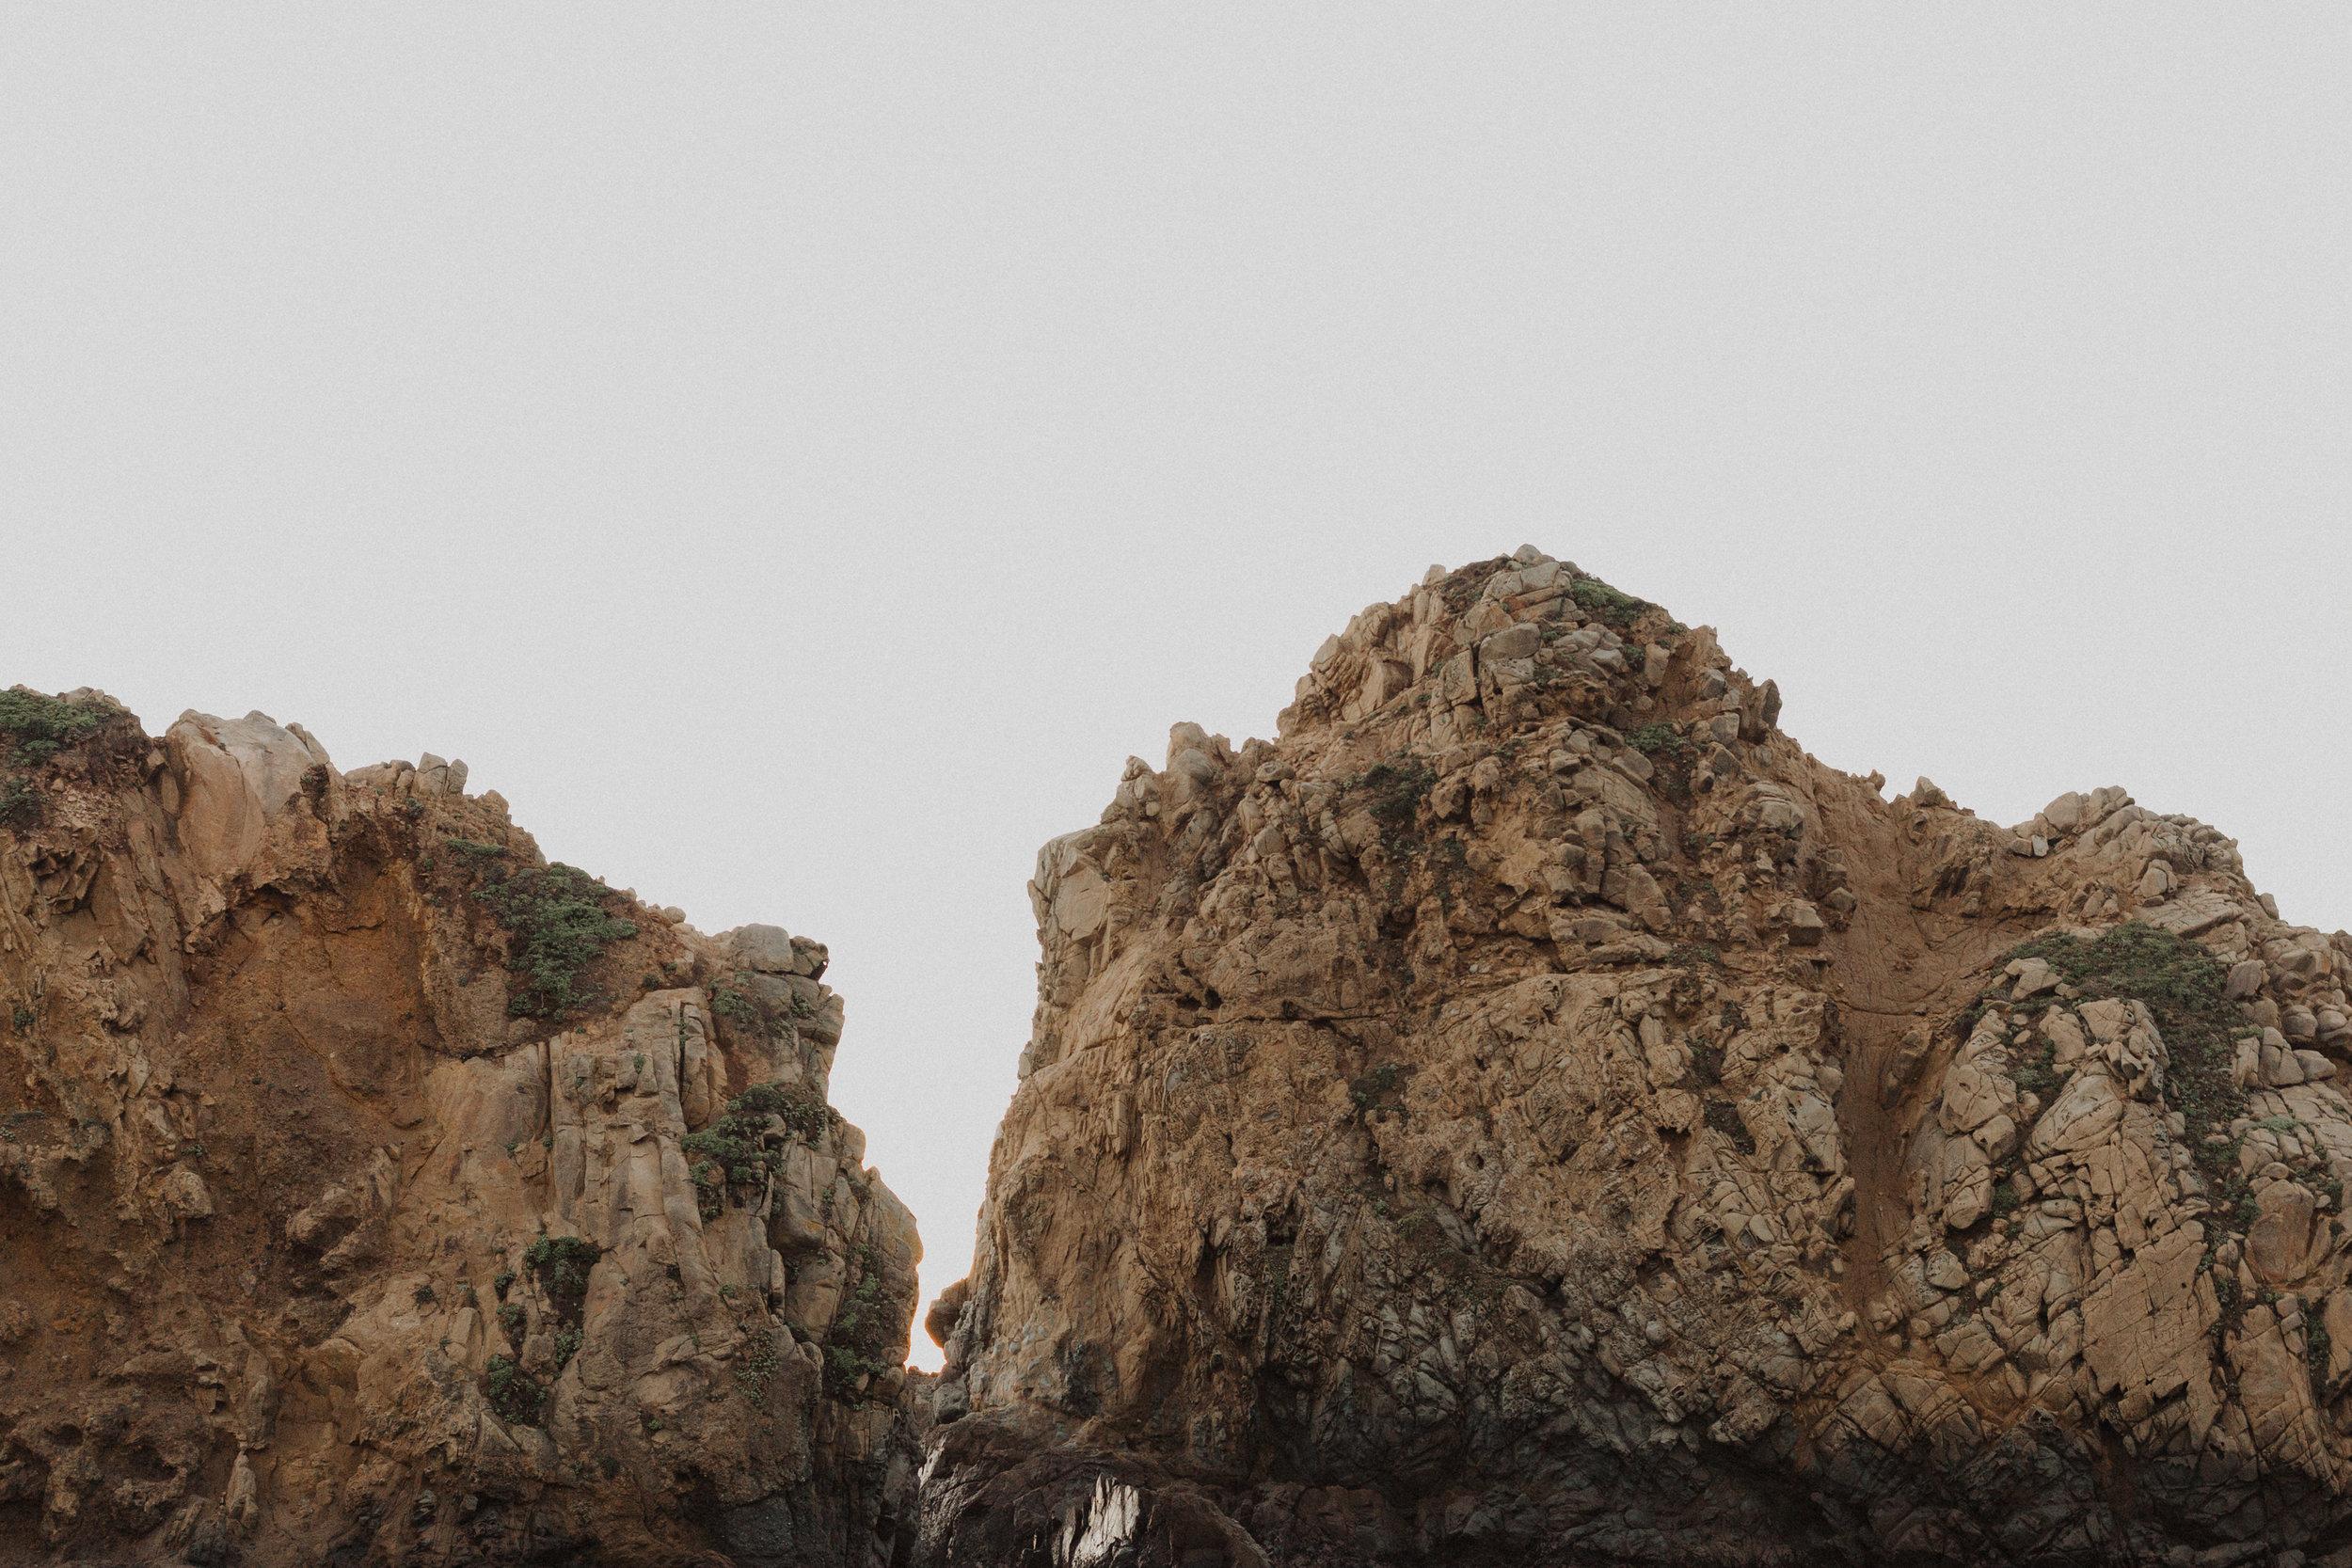 sara&patrick-bigsur-california-engagements-2019-1405.jpg